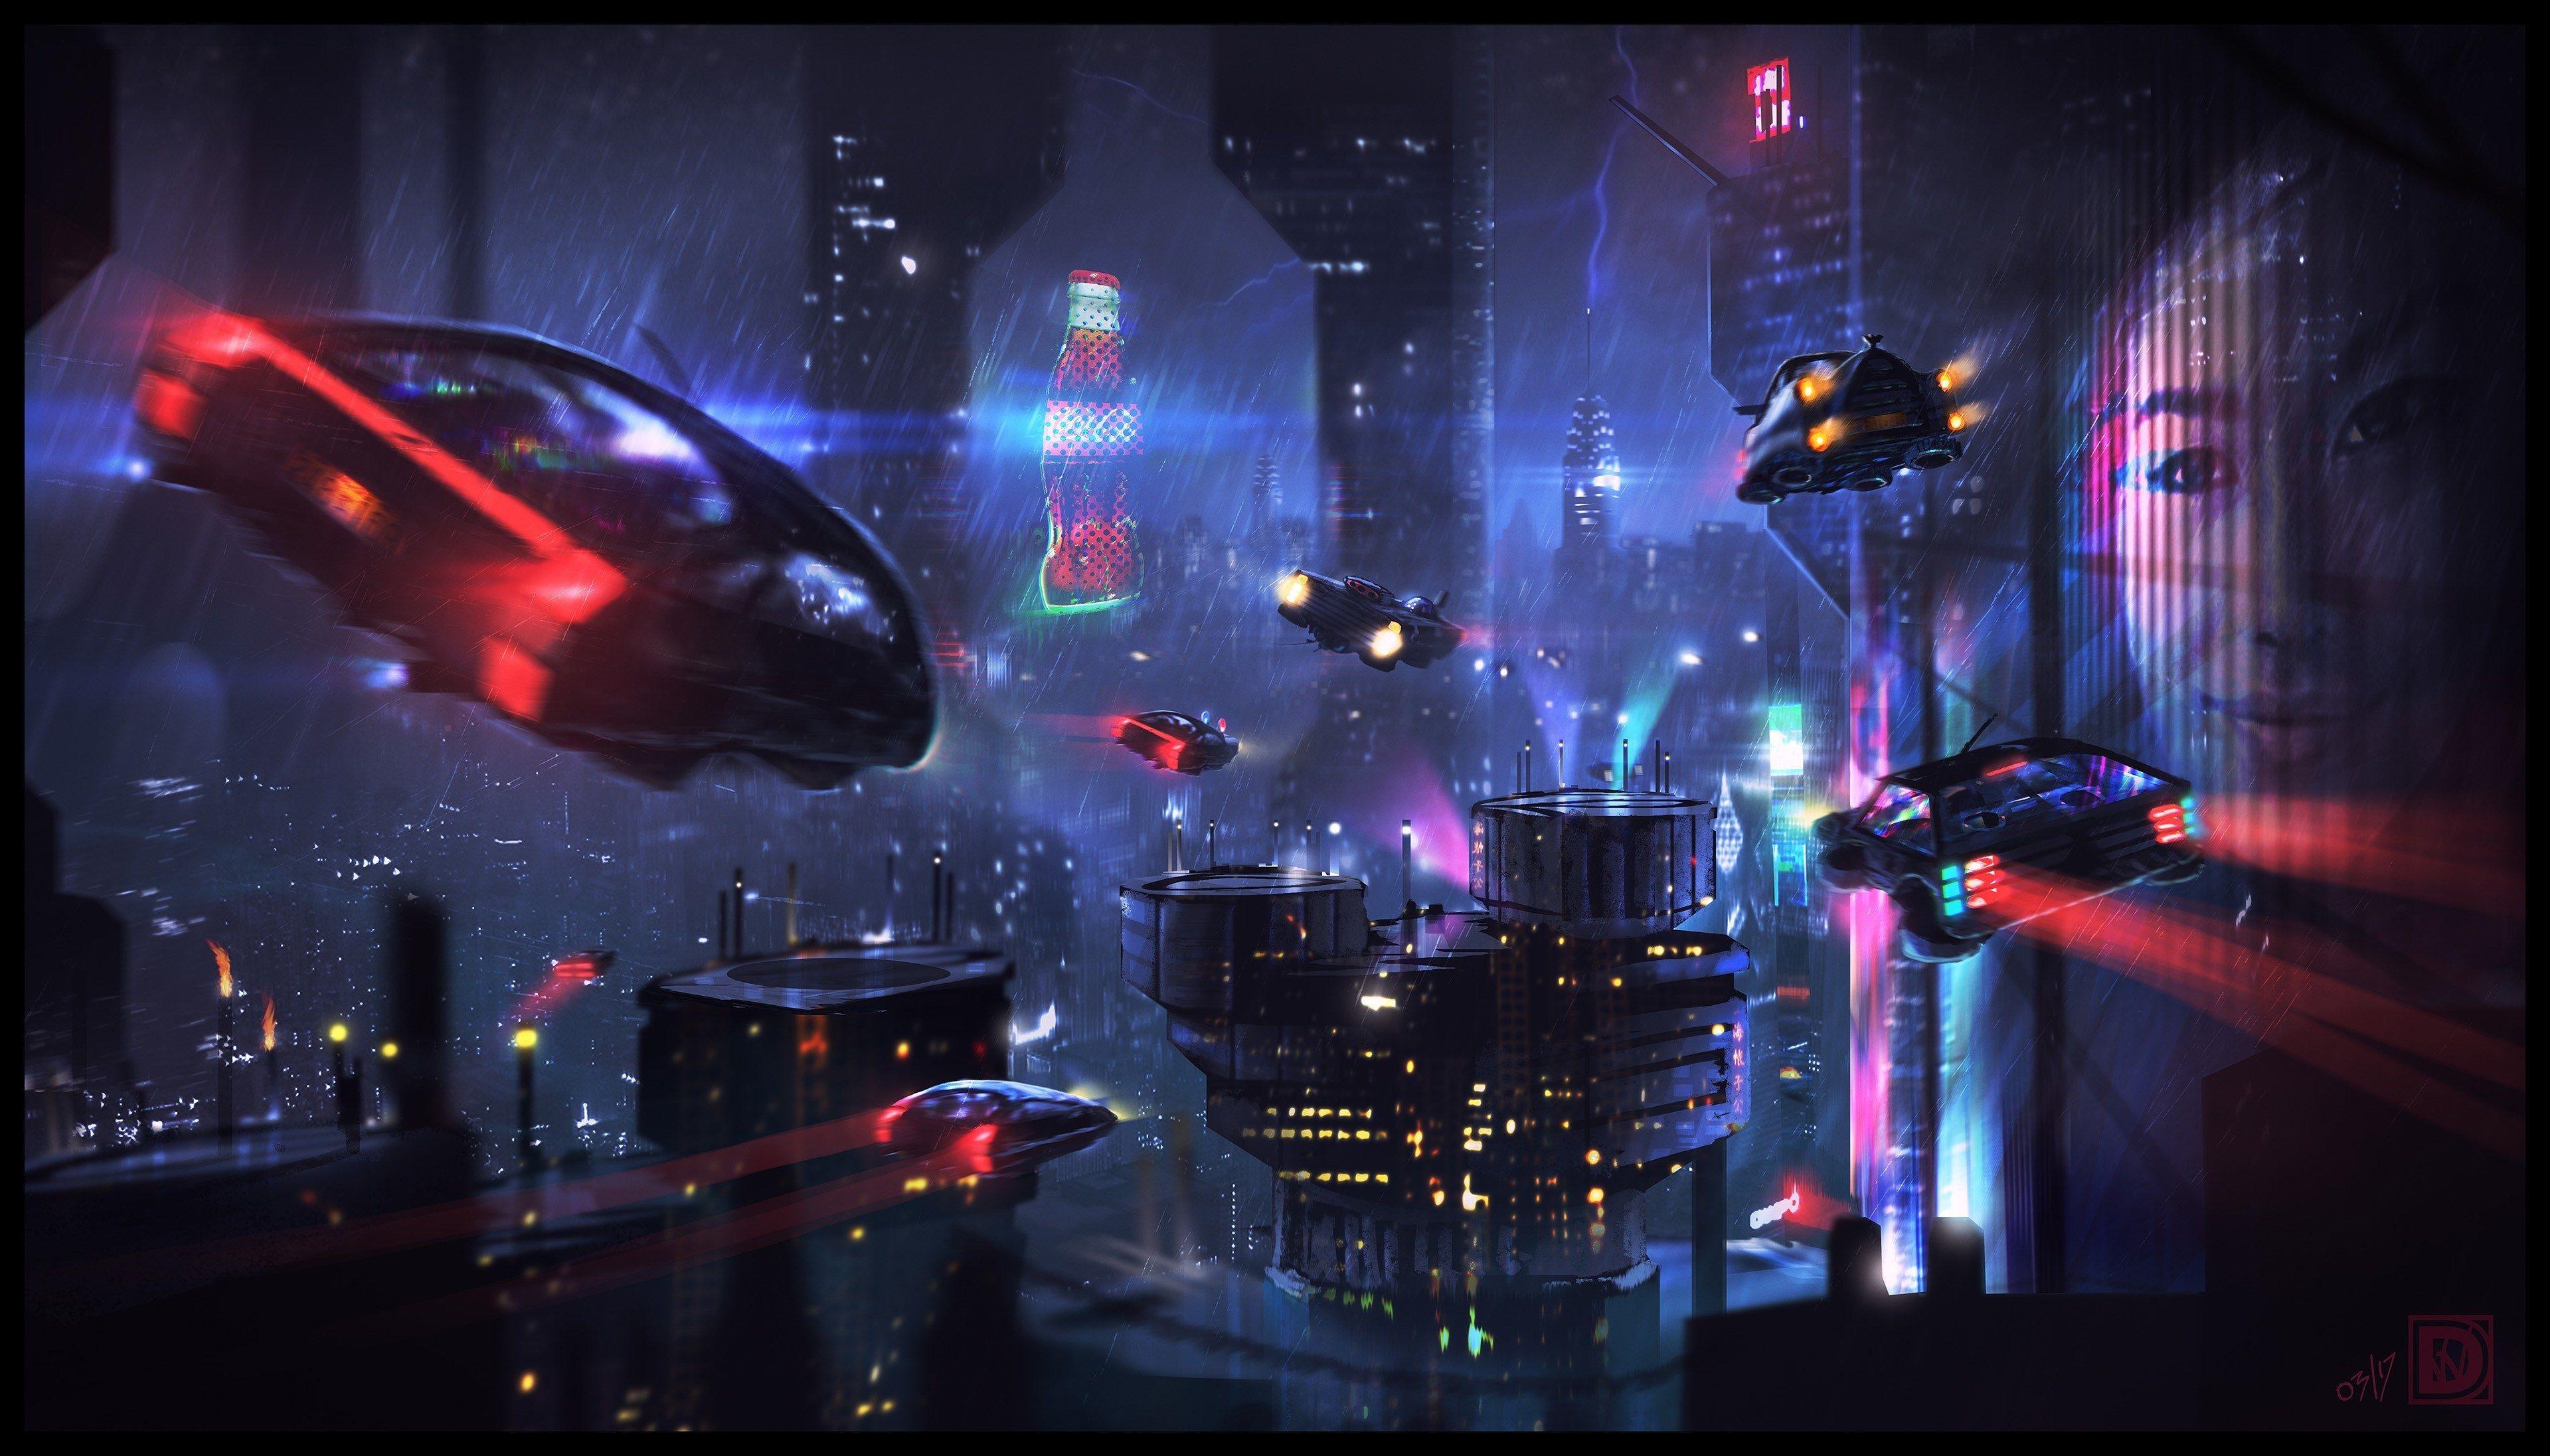 3840x2193 Artist 4k High Res Wallpaper Cyberpunk City Blade Runner Wallpaper Blade Runner